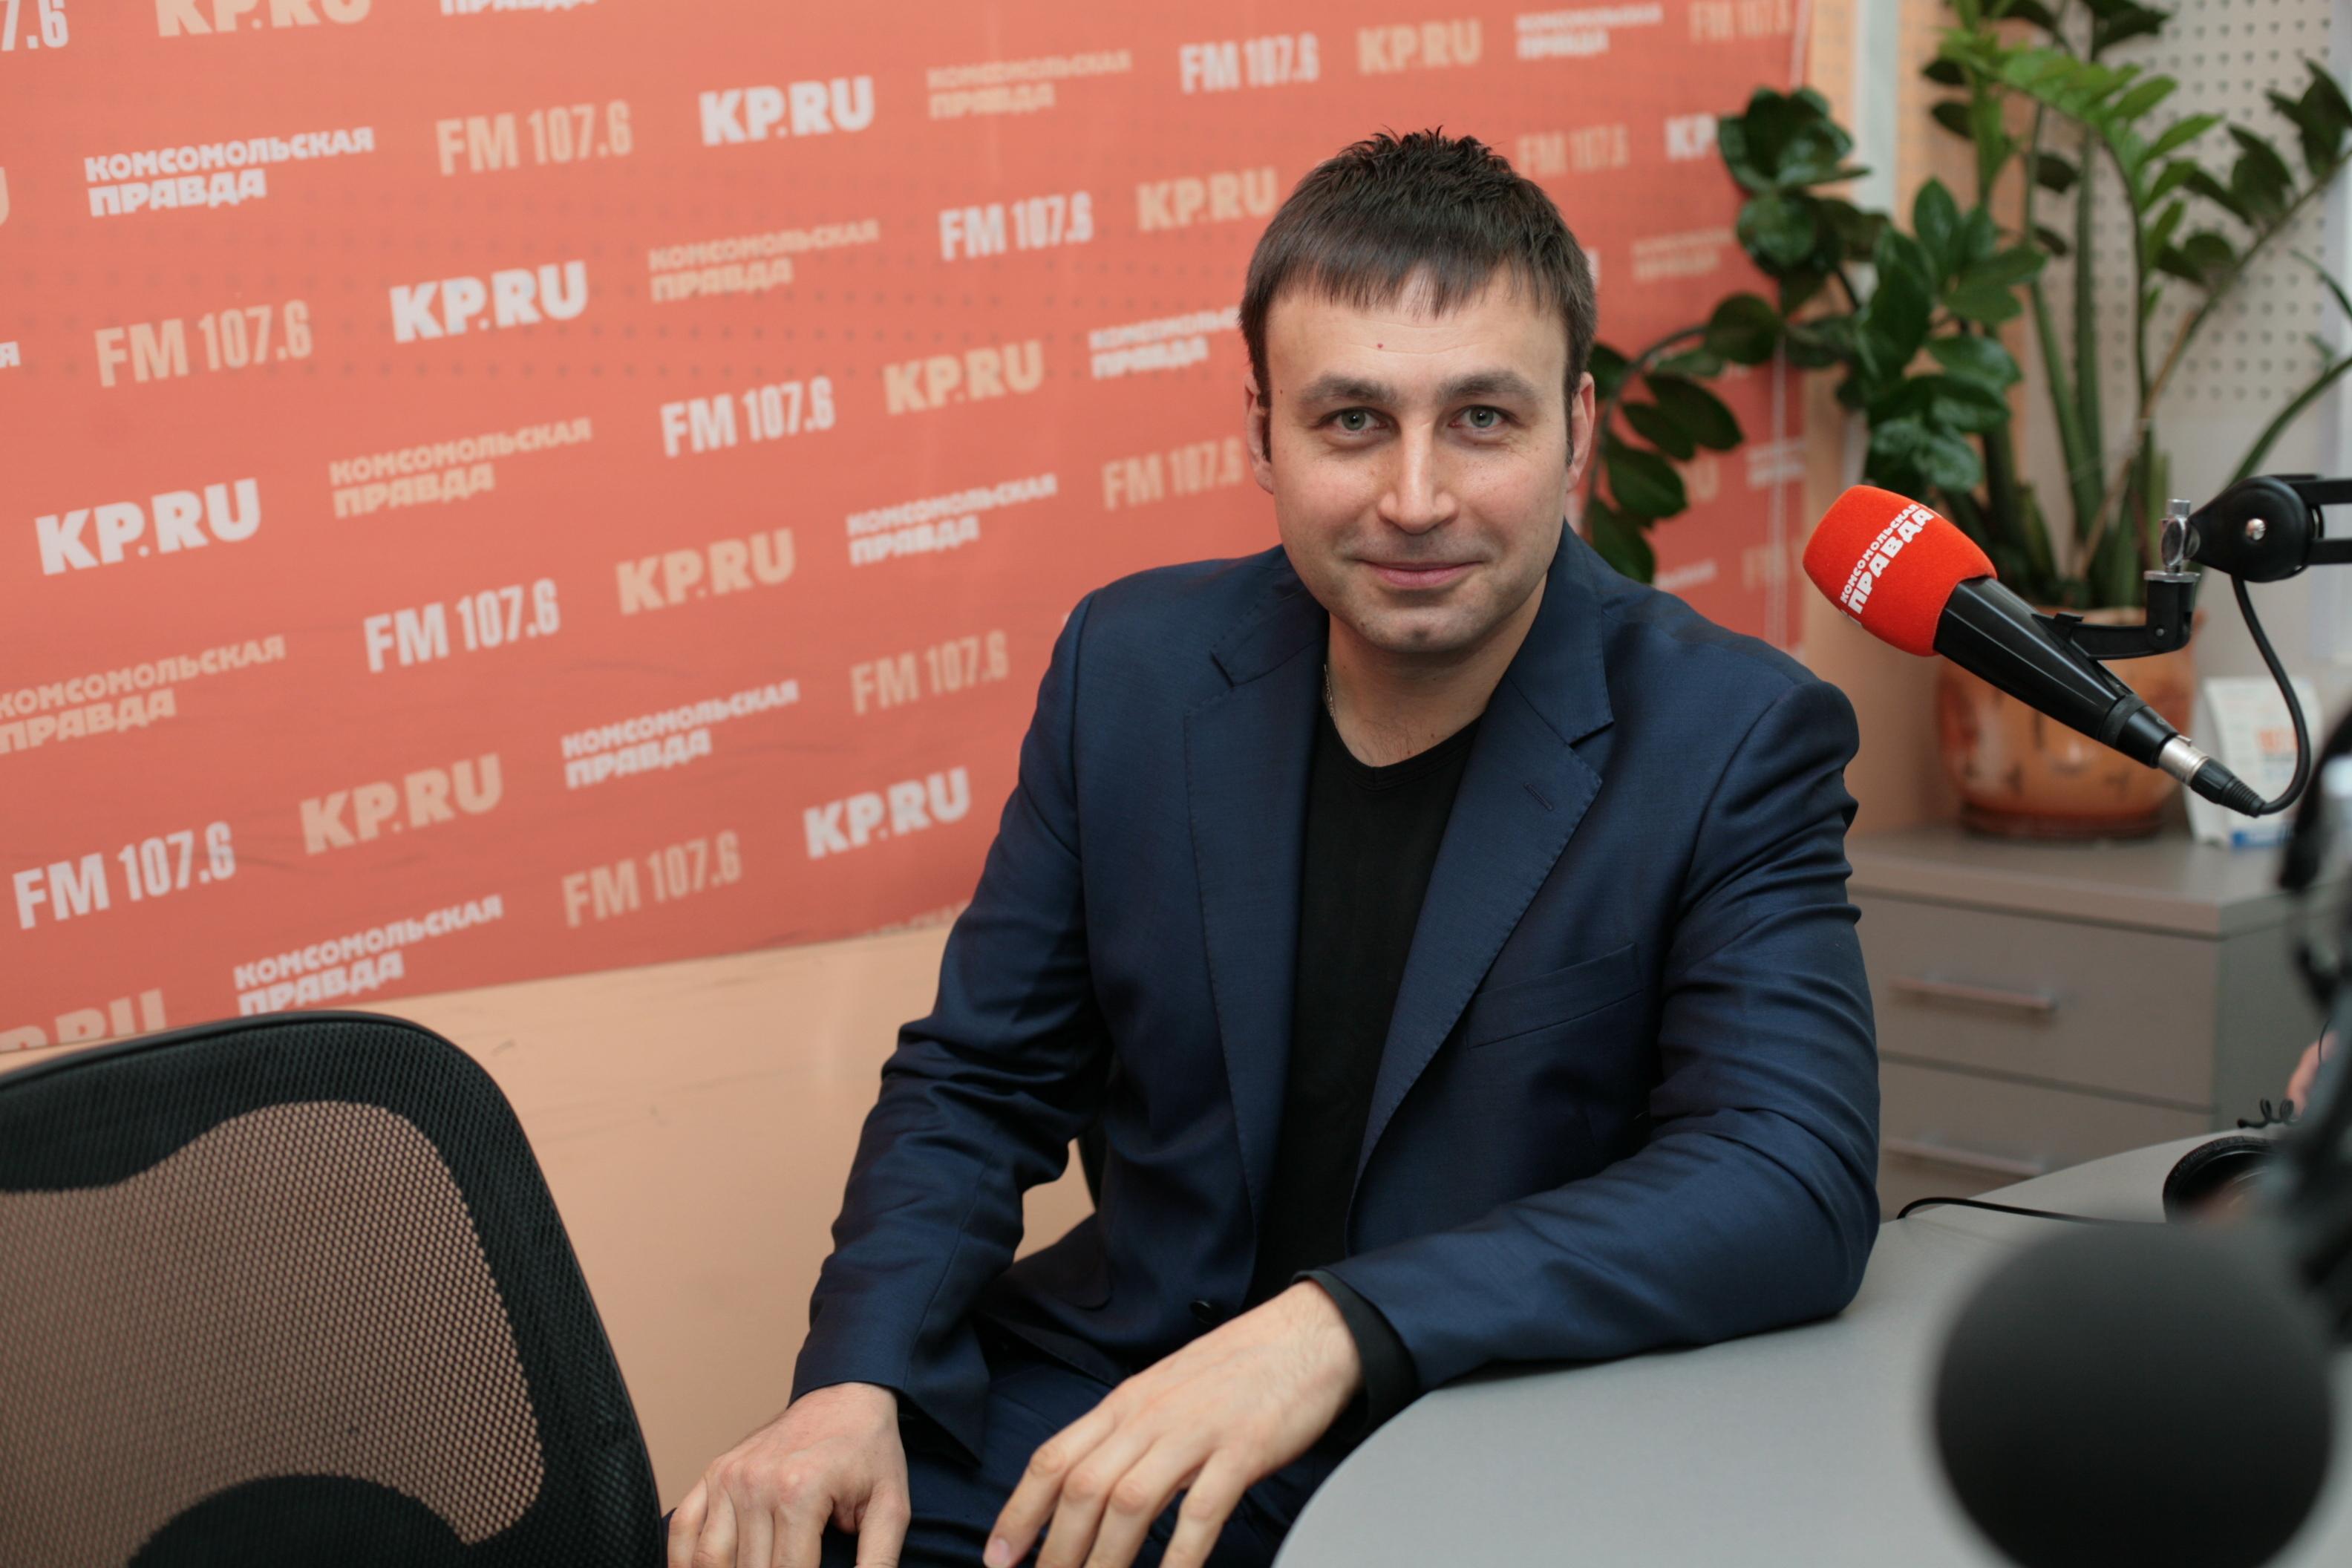 Баритон Владислав Косарев